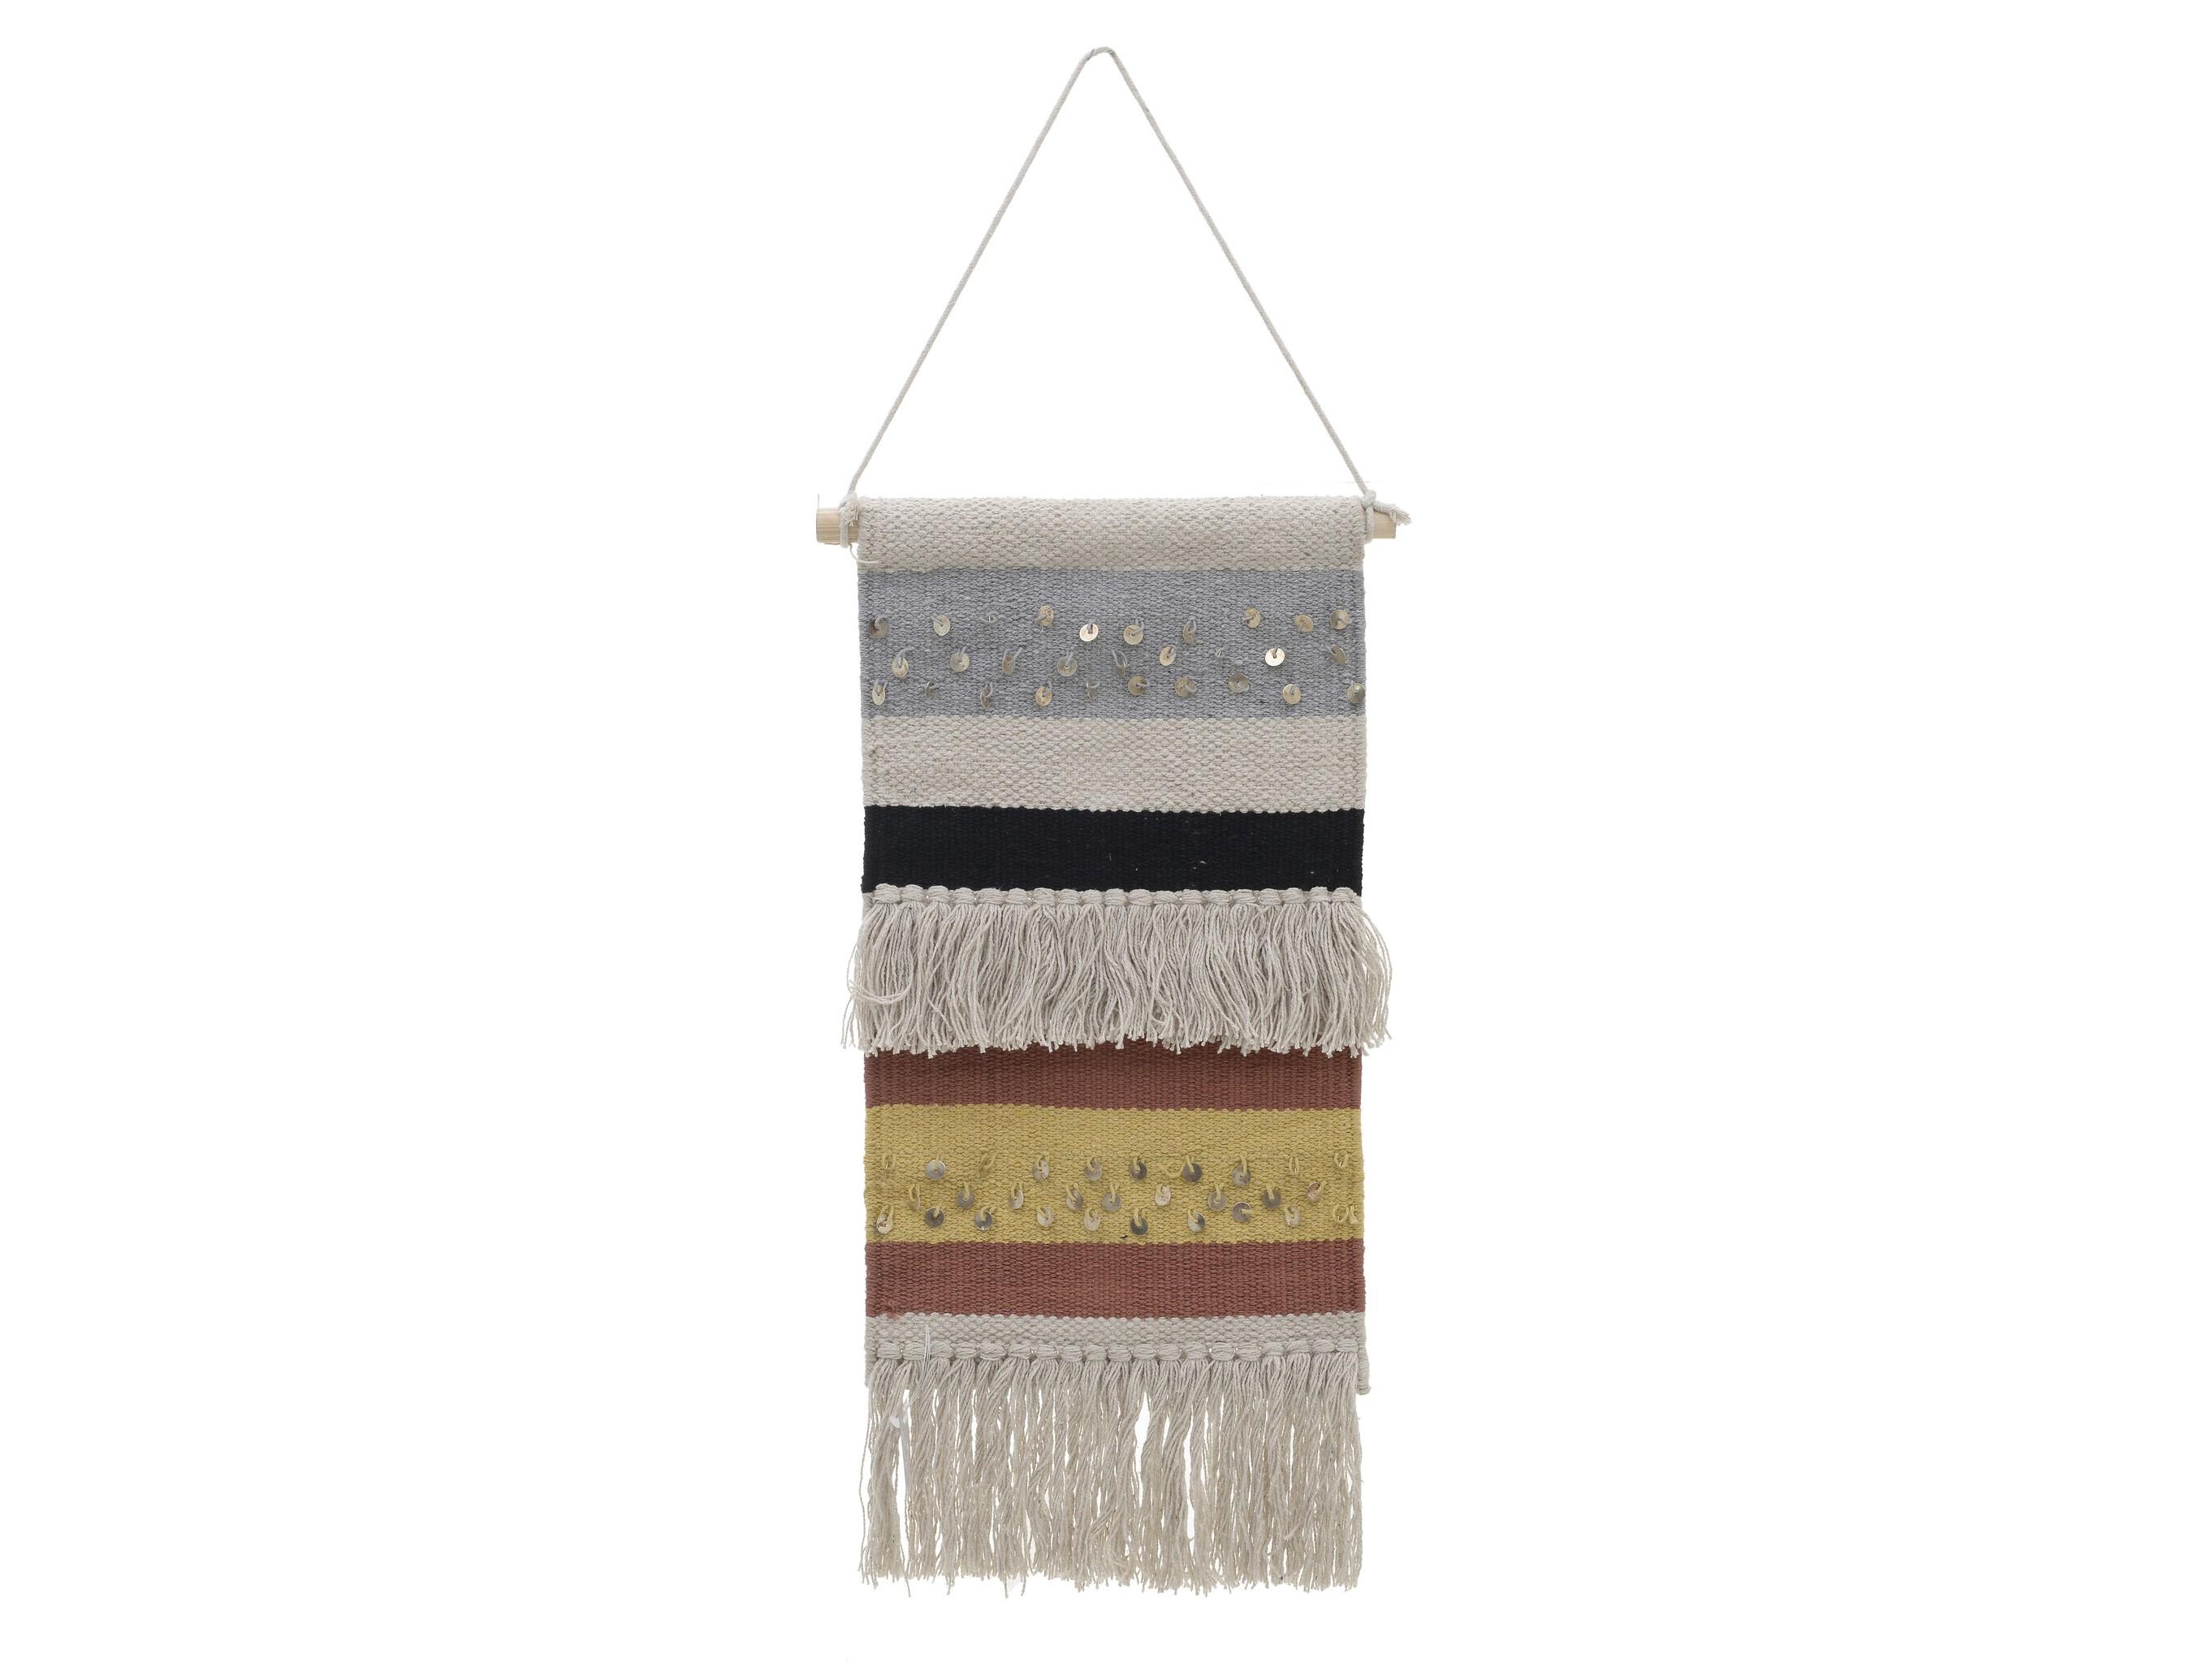 Настенный декор CamilaДругое<br><br><br>Material: Текстиль<br>Ширина см: 30.0<br>Высота см: 60.0<br>Глубина см: 2.0